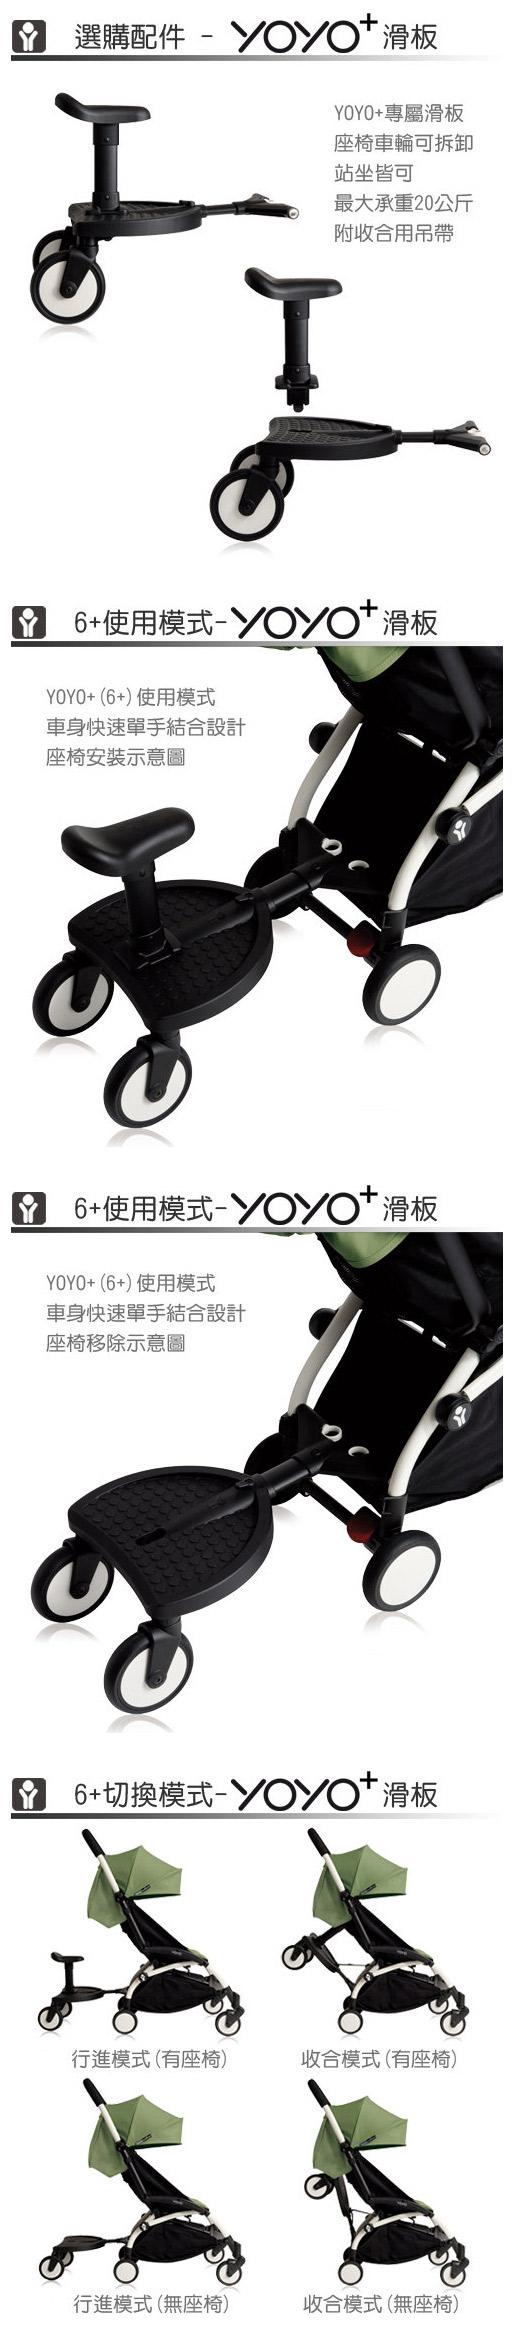 babyzen-yoyo-6plus-board-info11